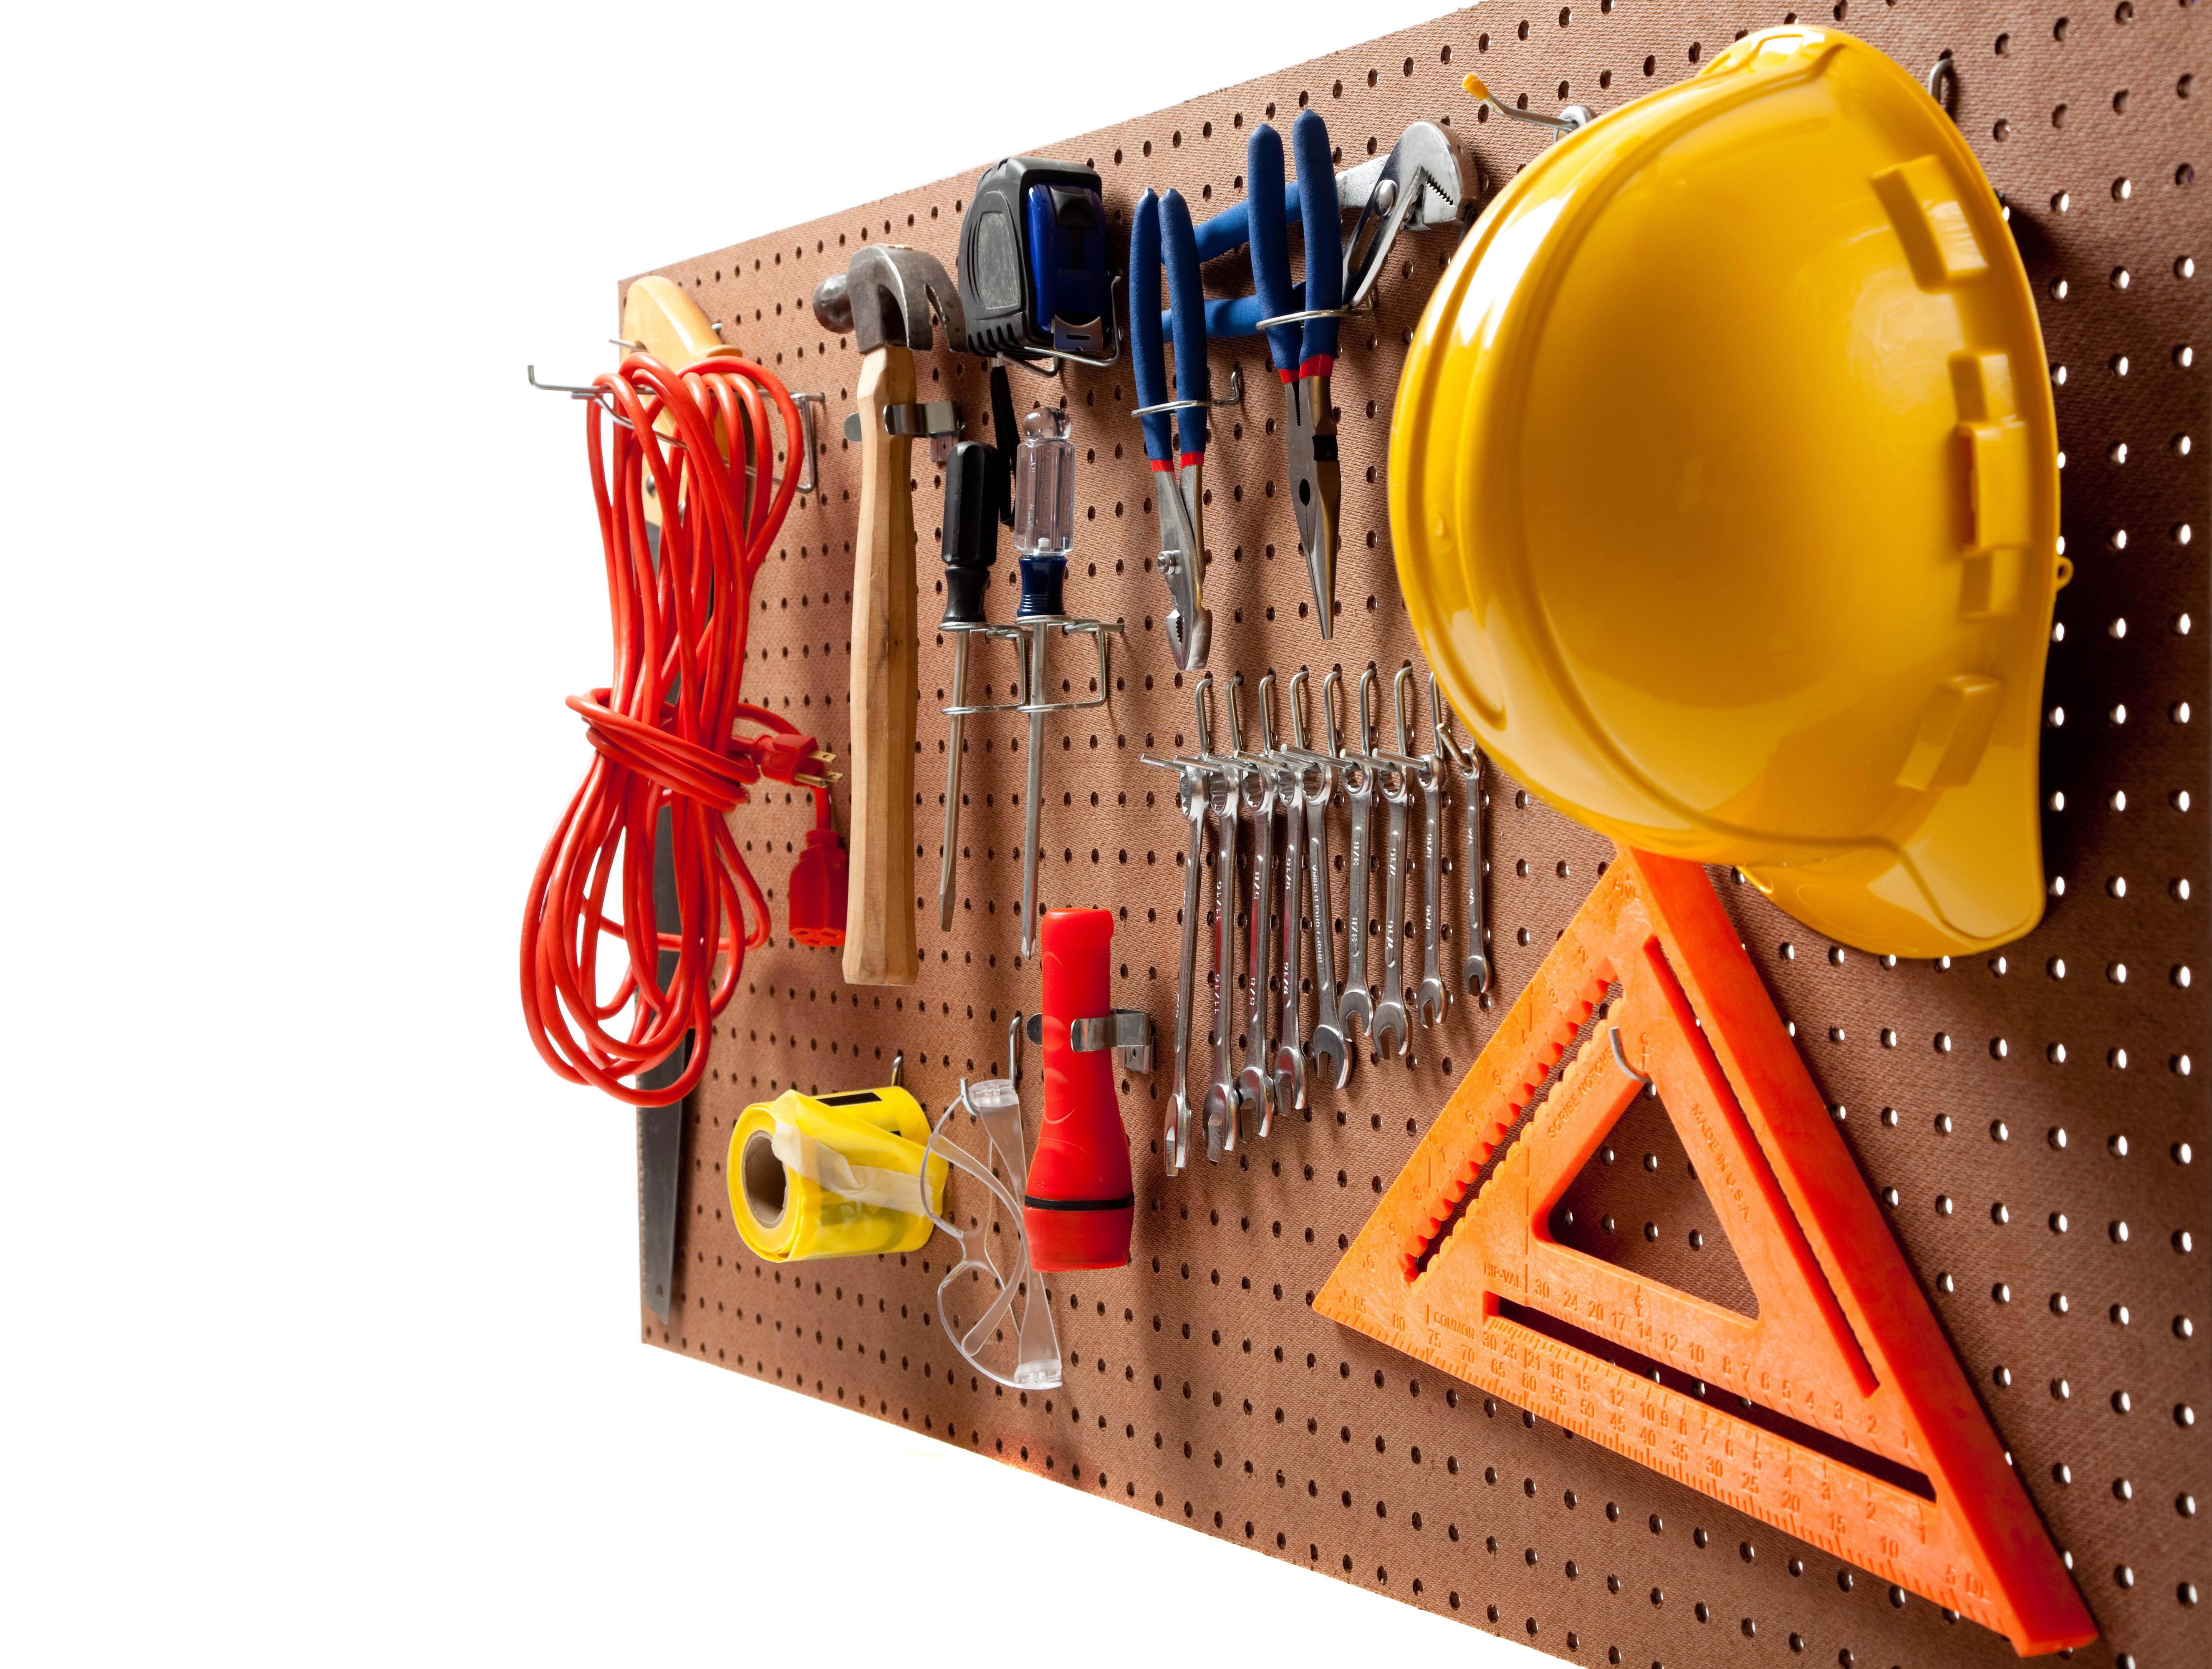 инструменты, стенд, строительная каска, желтая каска, фото, обои для рабочего стола